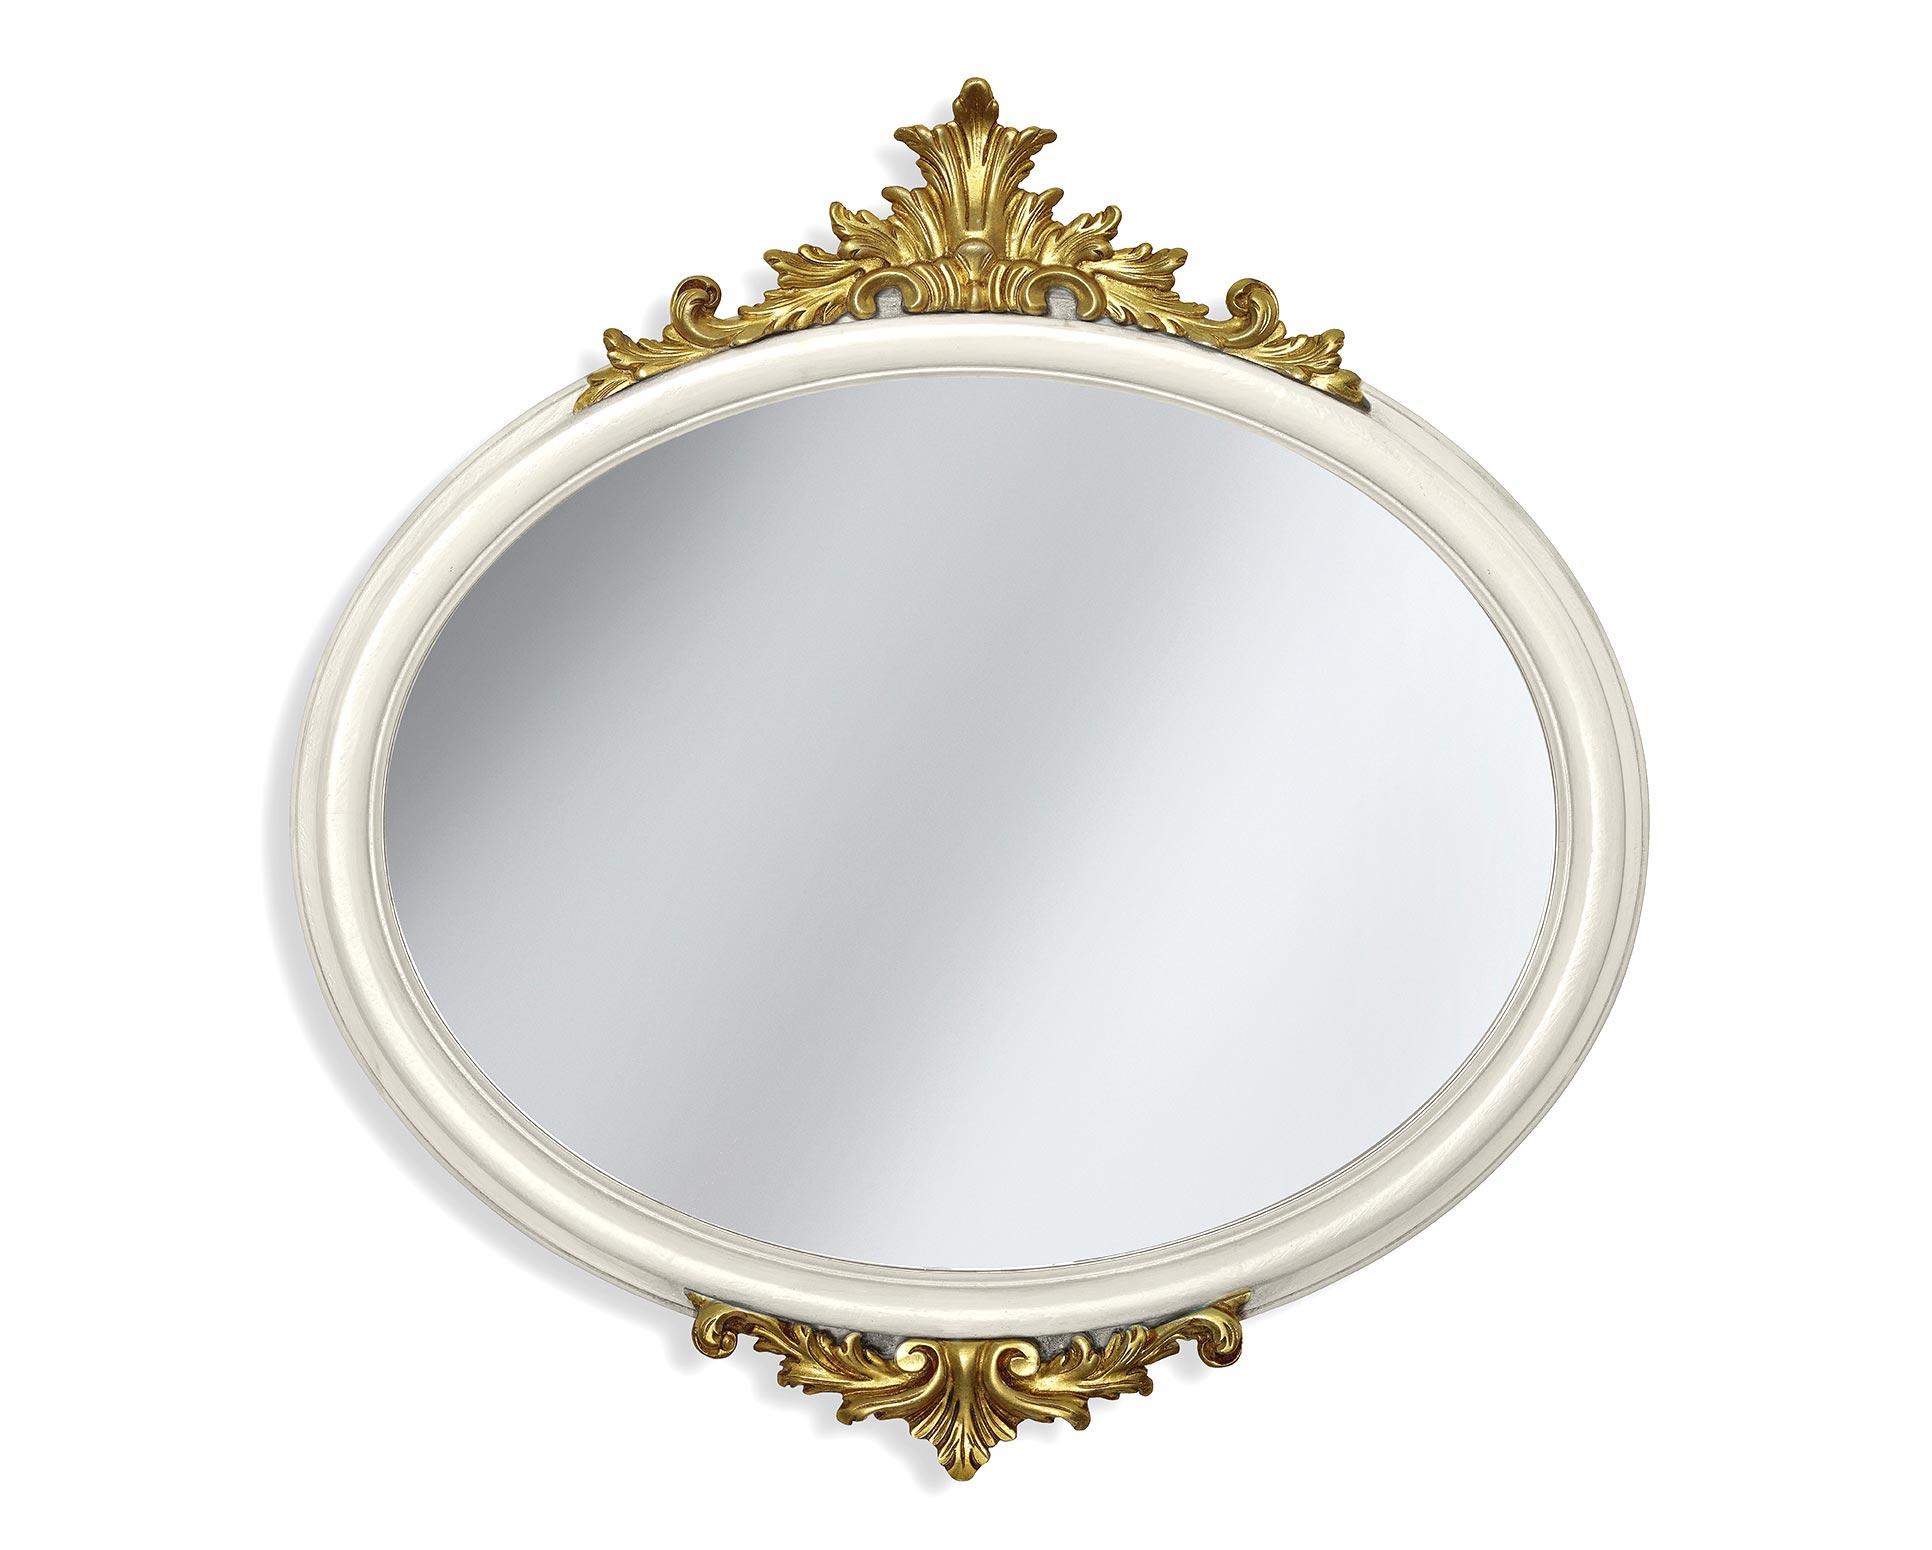 Miroir ovale avec éléments sculptés